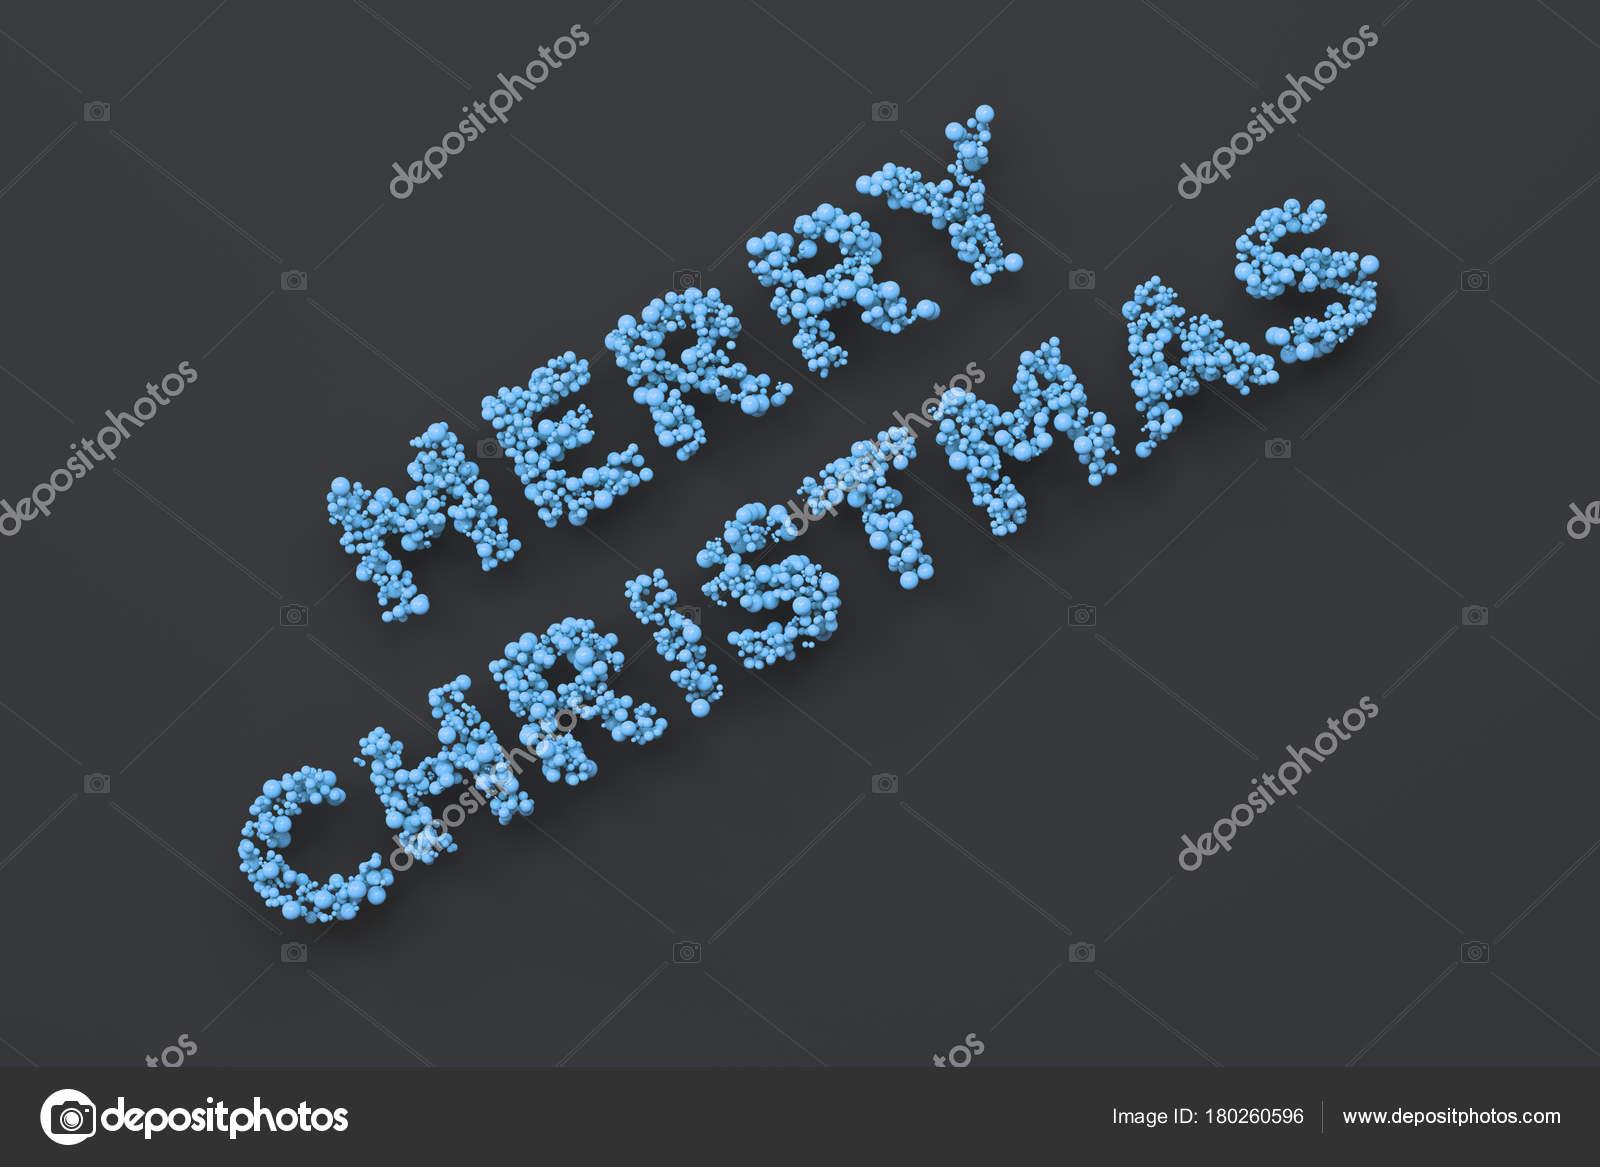 Parole Di Buon Natale.Parole Di Buon Natale Da Sfere Blu Su Sfondo Nero Foto